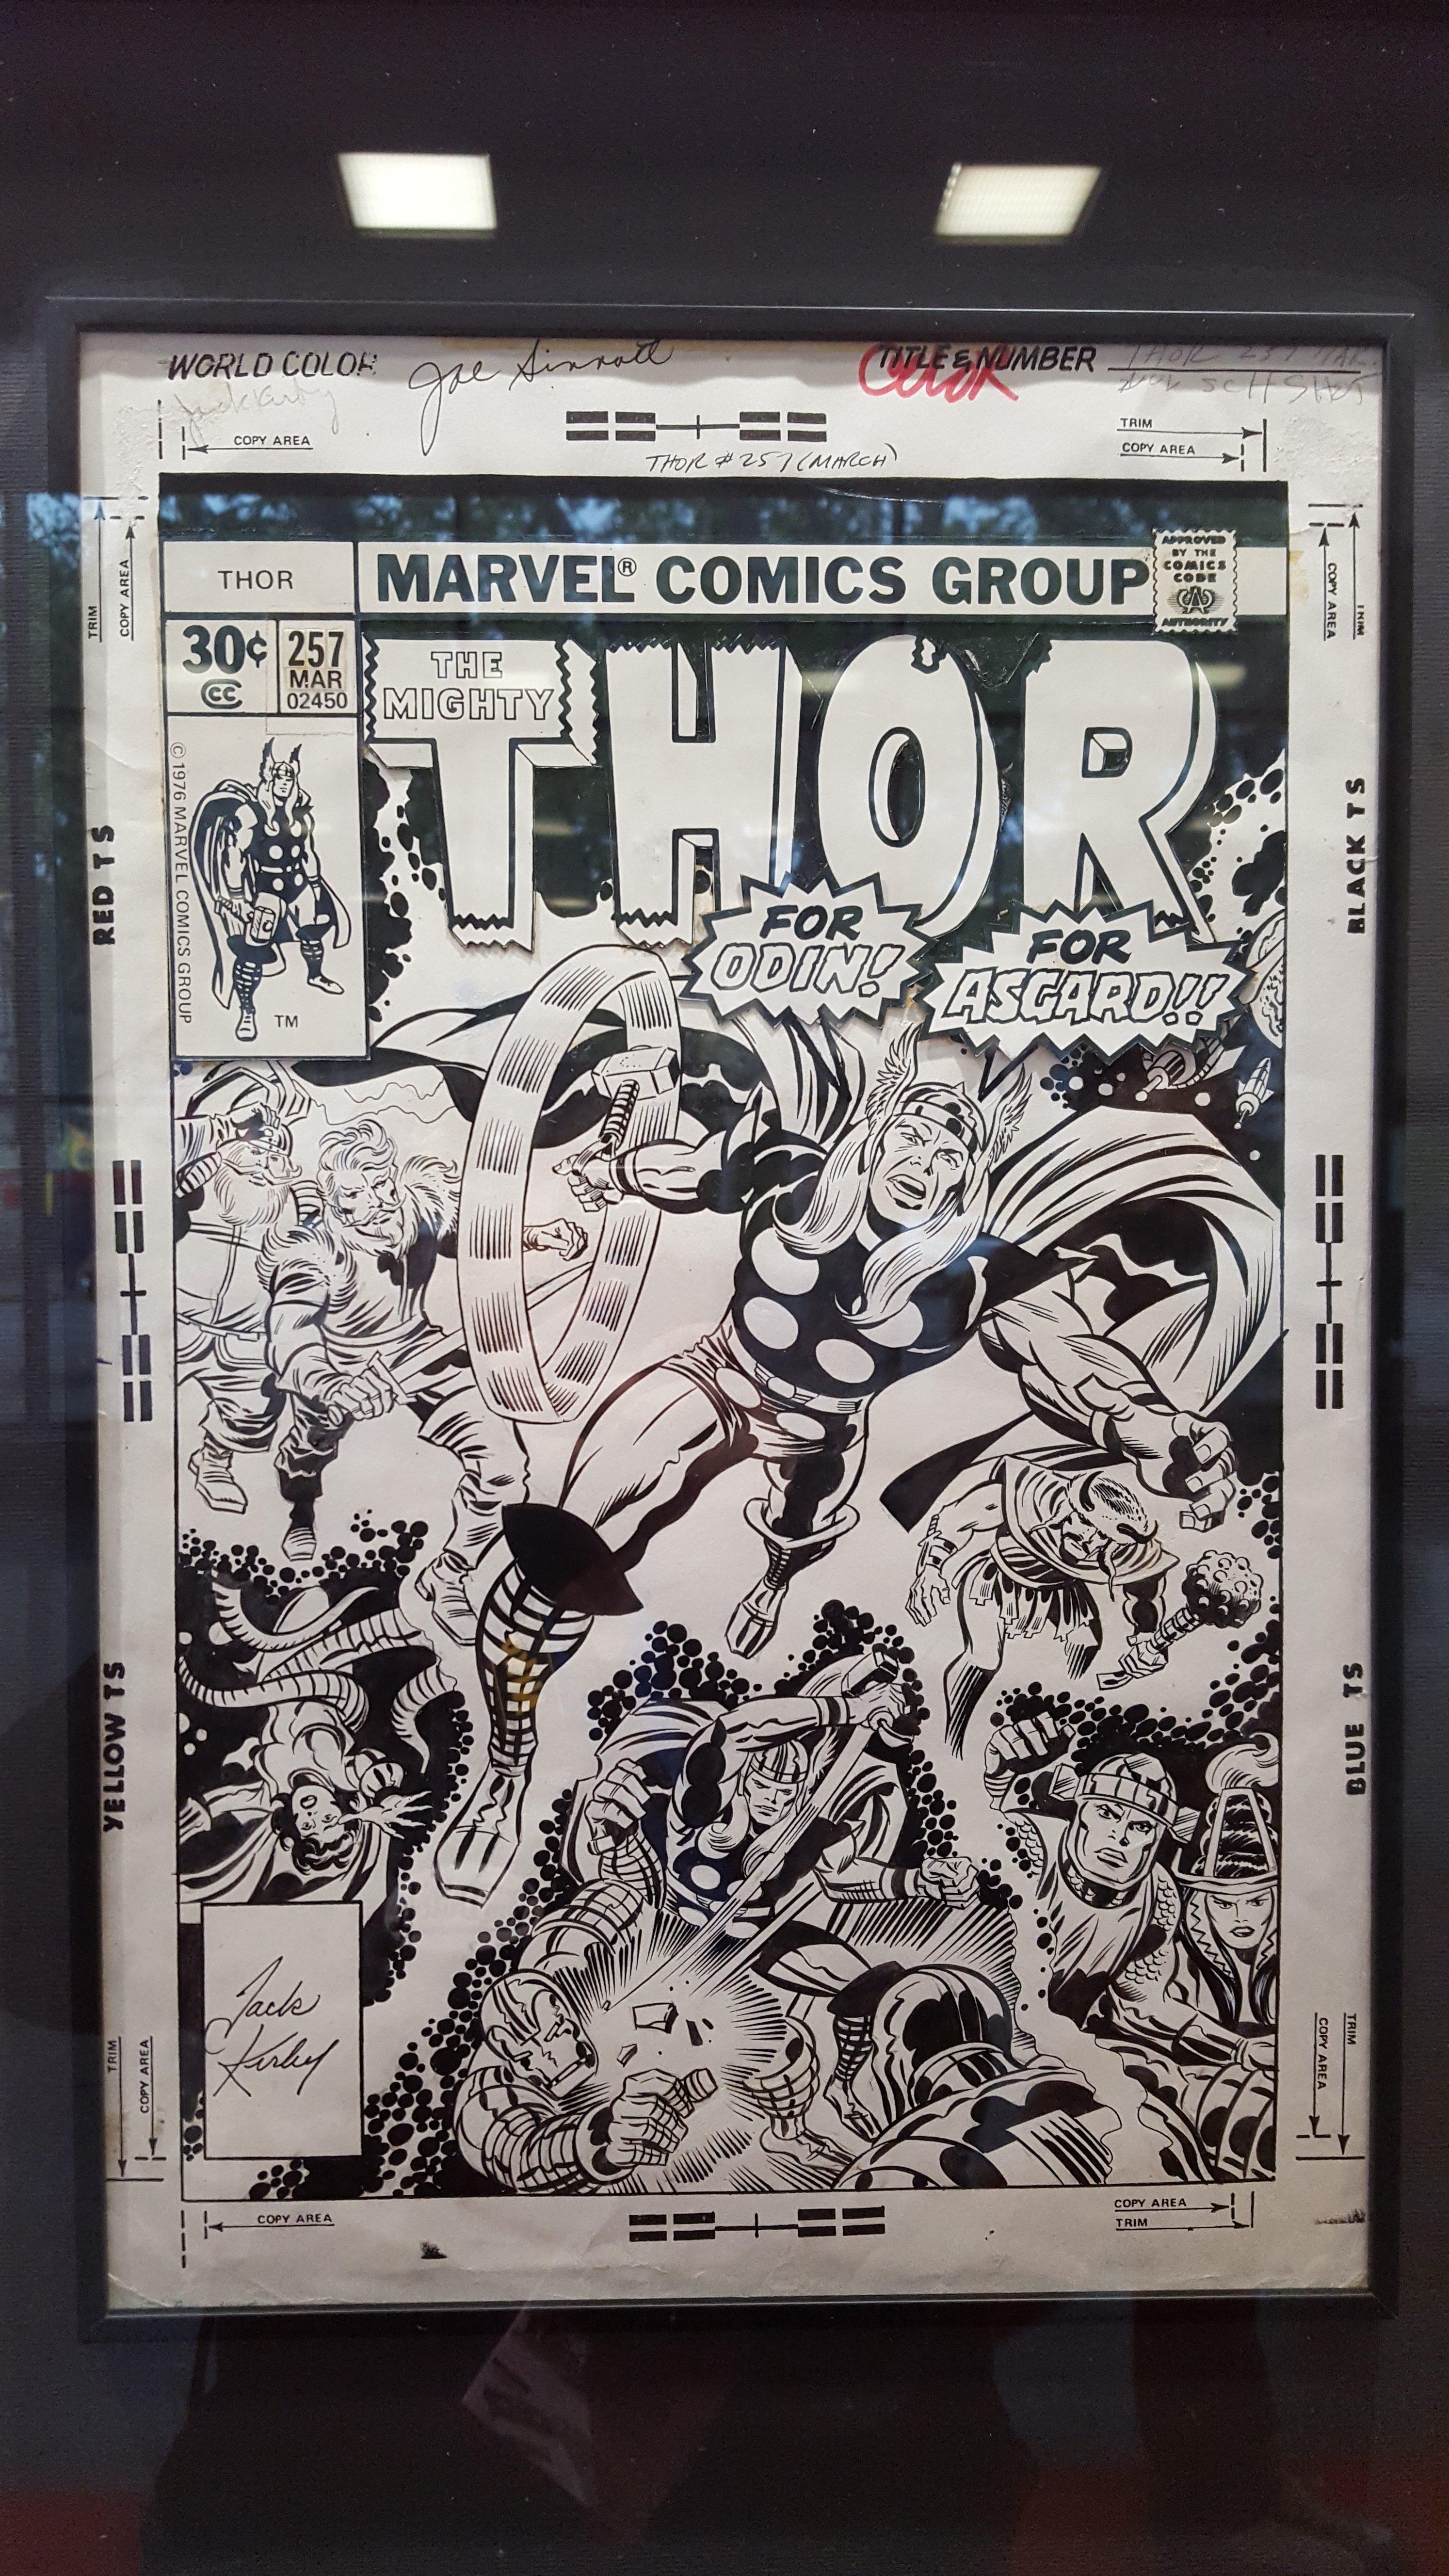 Portada original de Thor, de Jack Kirby